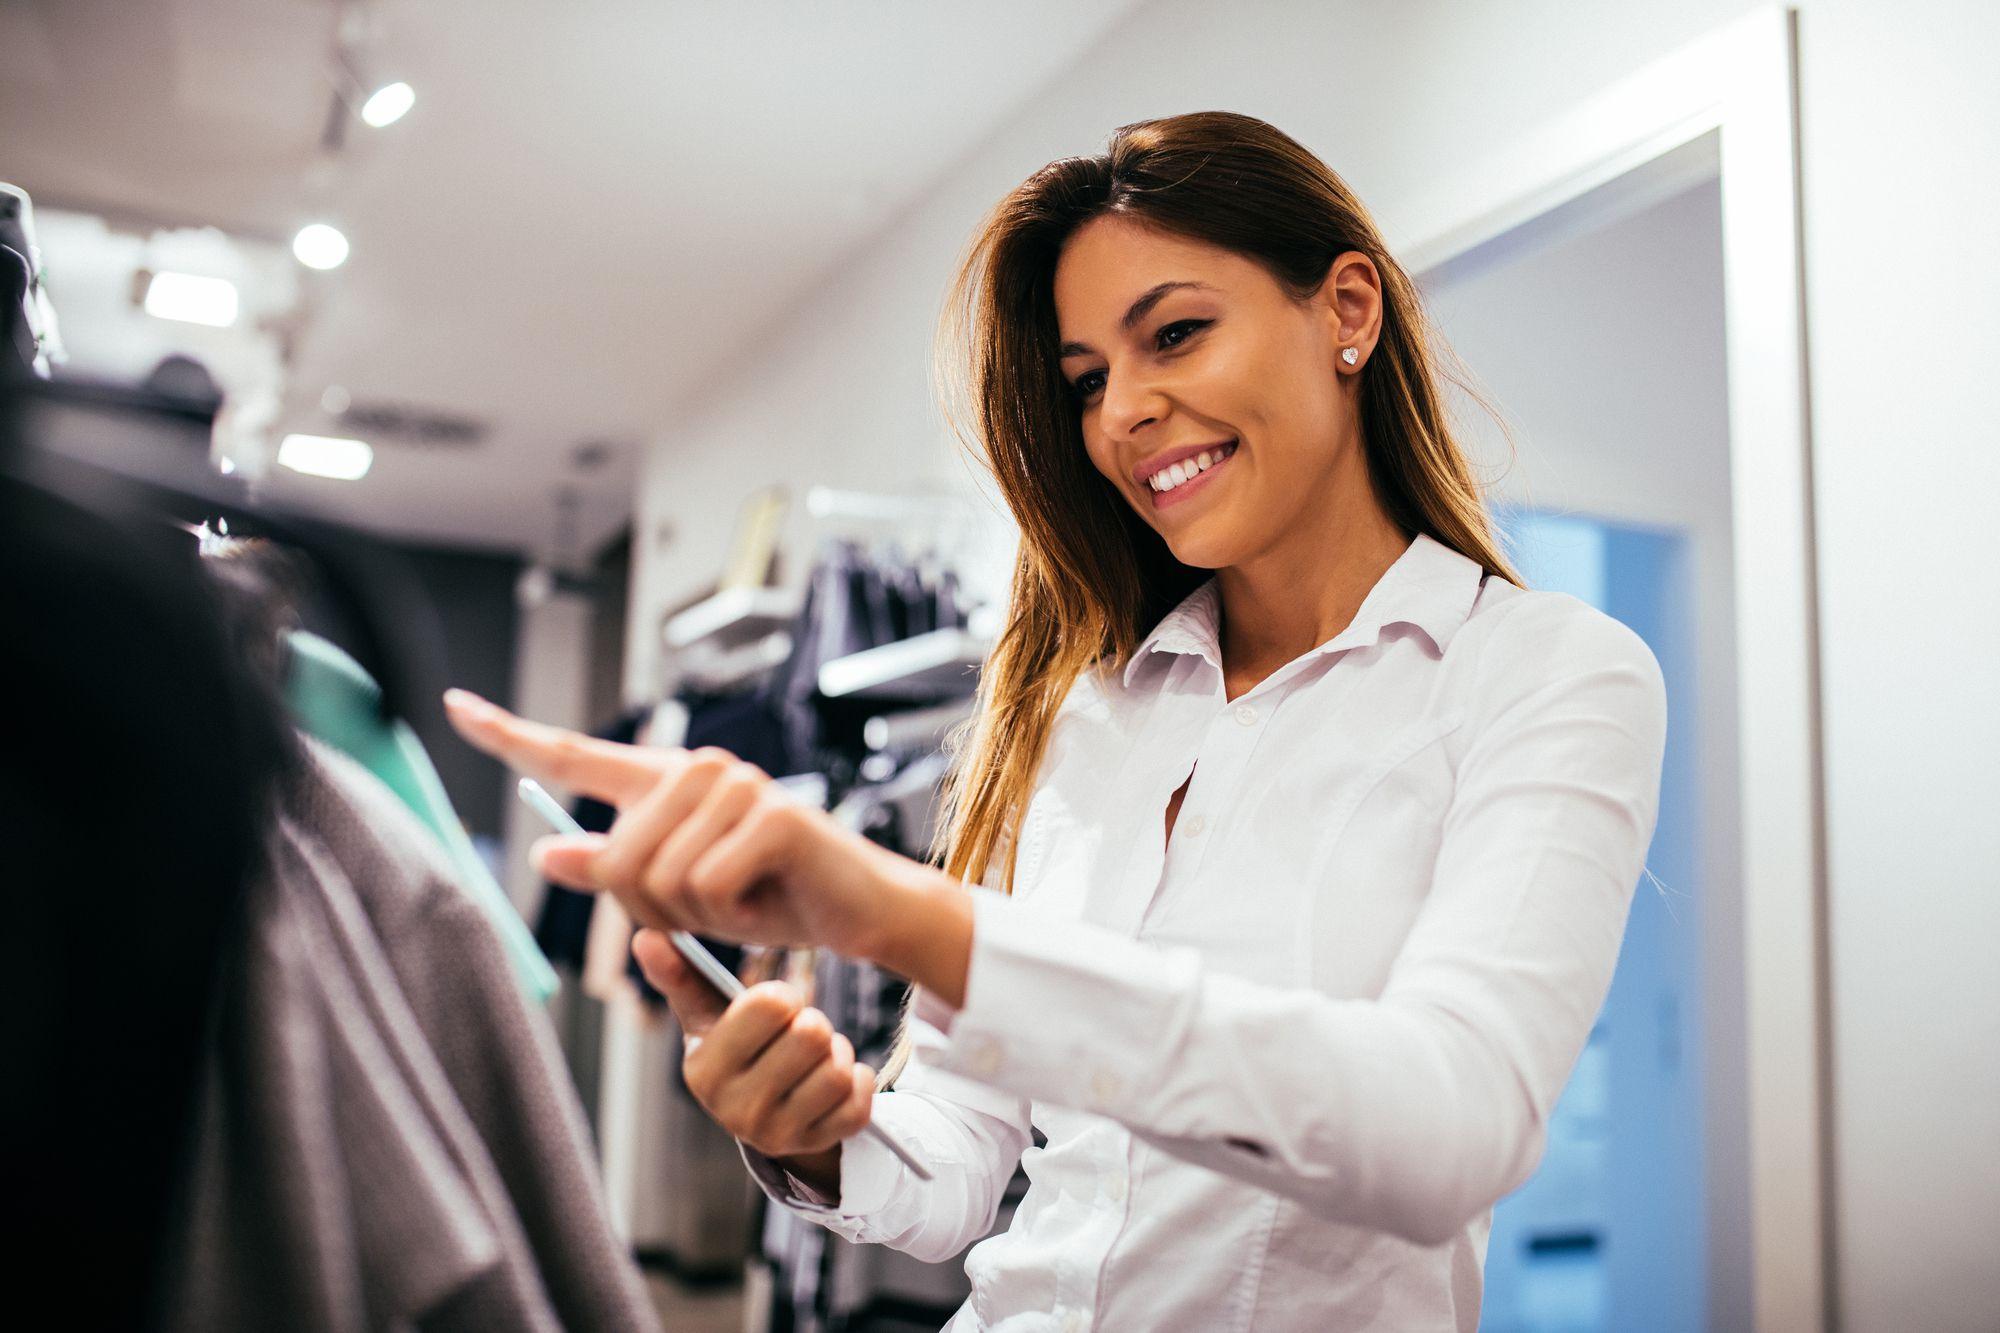 3 exemplos de como usar tecnologia no ponto de venda